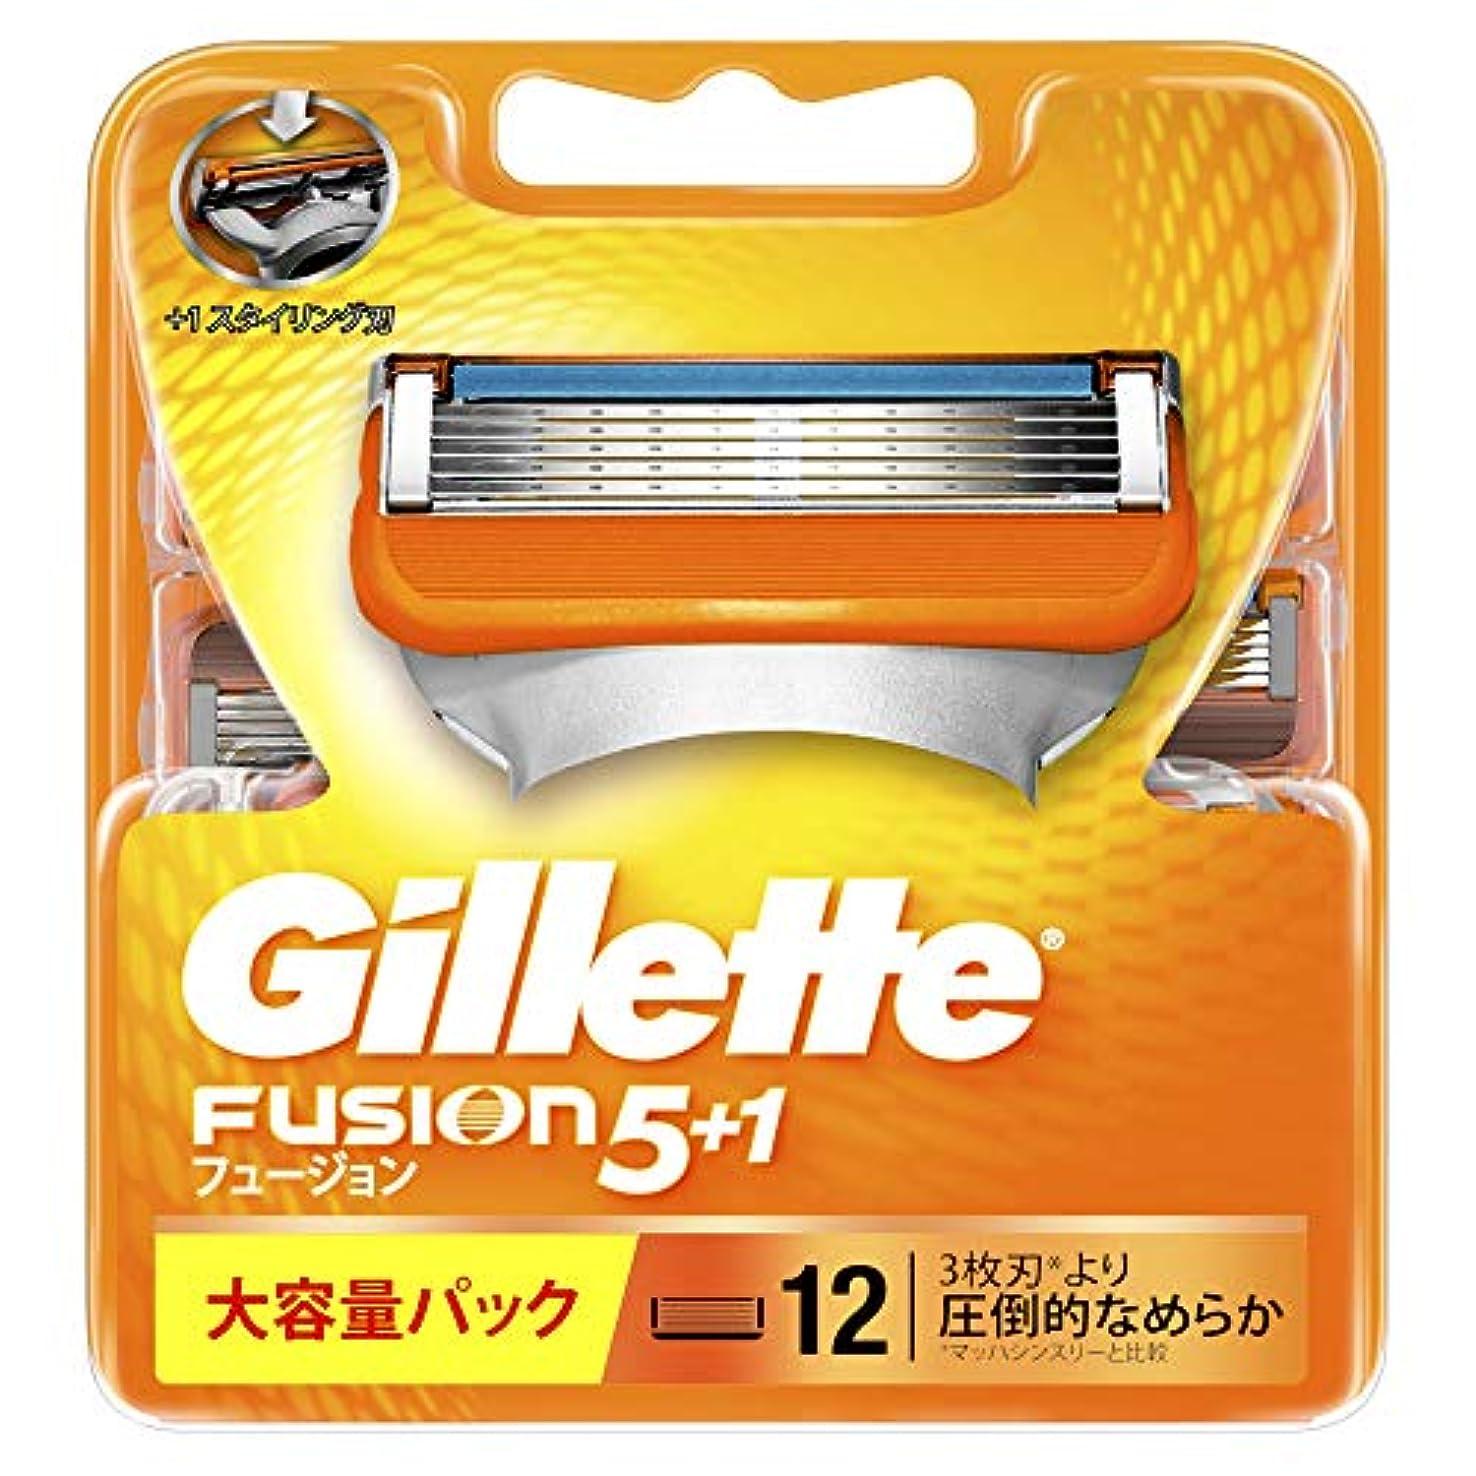 息を切らして翻訳者フロントジレット フュージョン5+1 マニュアル 髭剃り 替刃 単品 12コ入